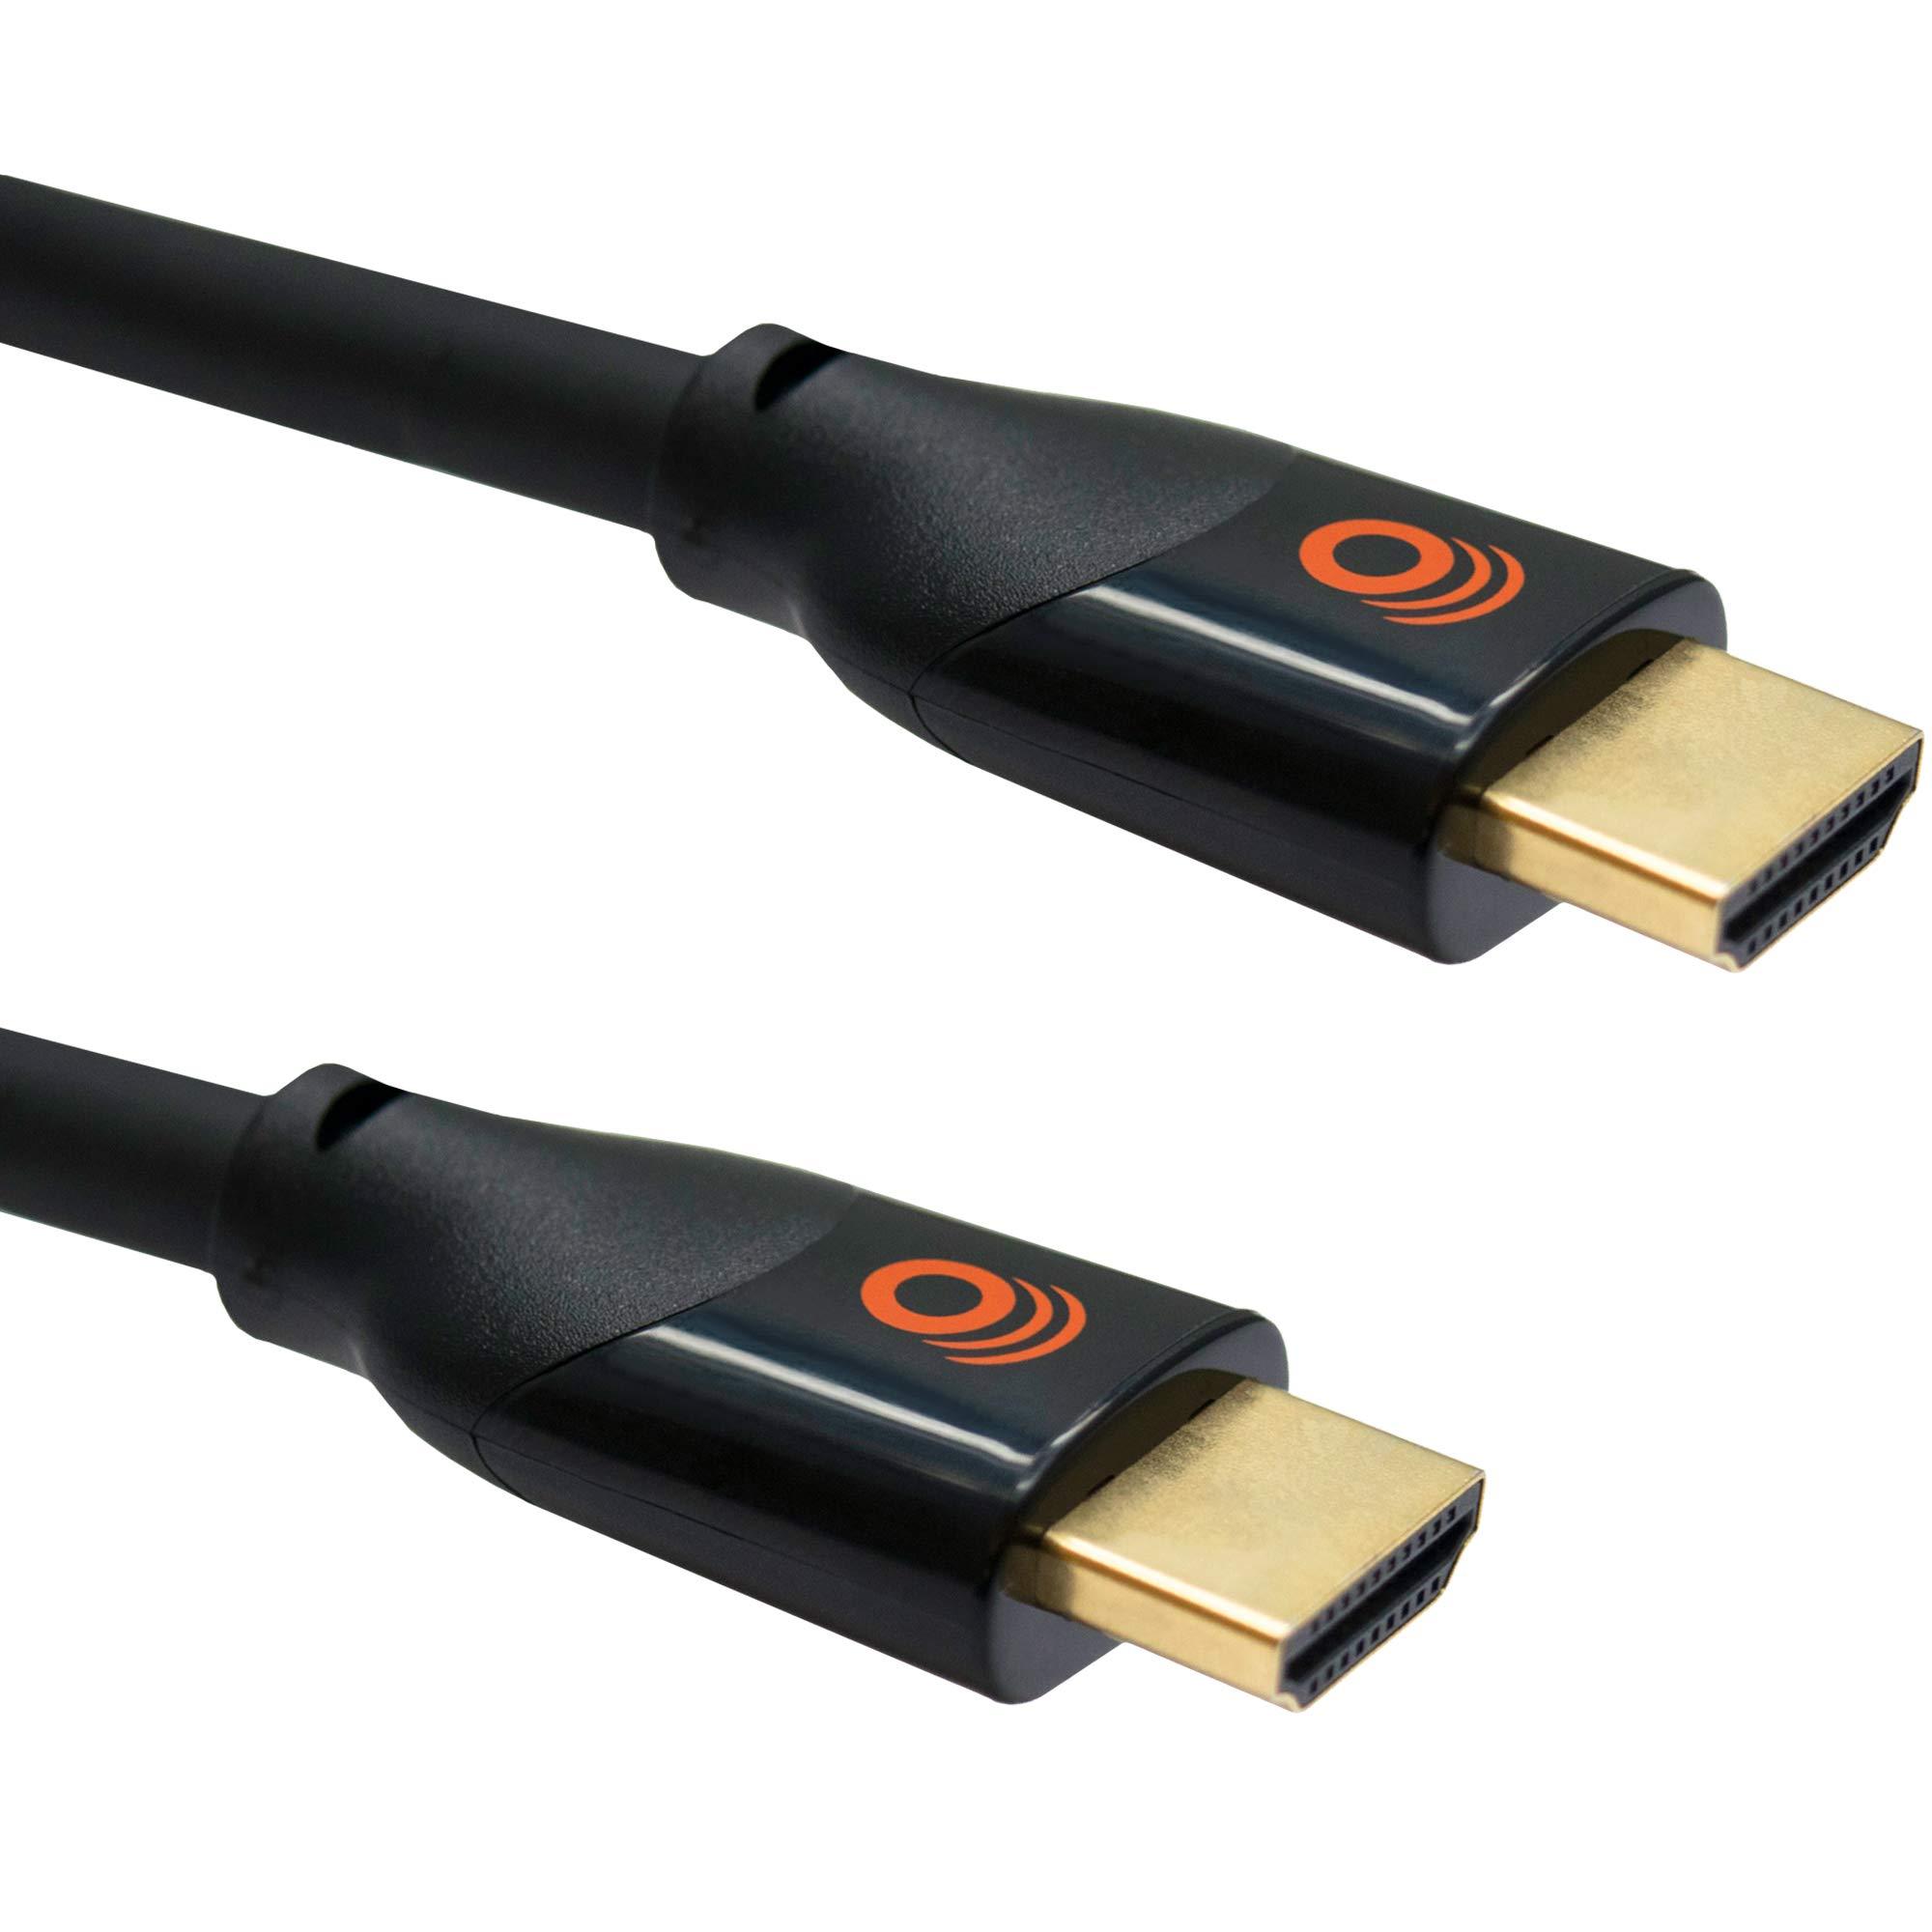 Echogear Cable Corto Hdmi 2.1 De 2 Pies - Compatible Con 4k Y Hdr - Cumple Con El Último Estándar Hdmi - Conexiones Chap